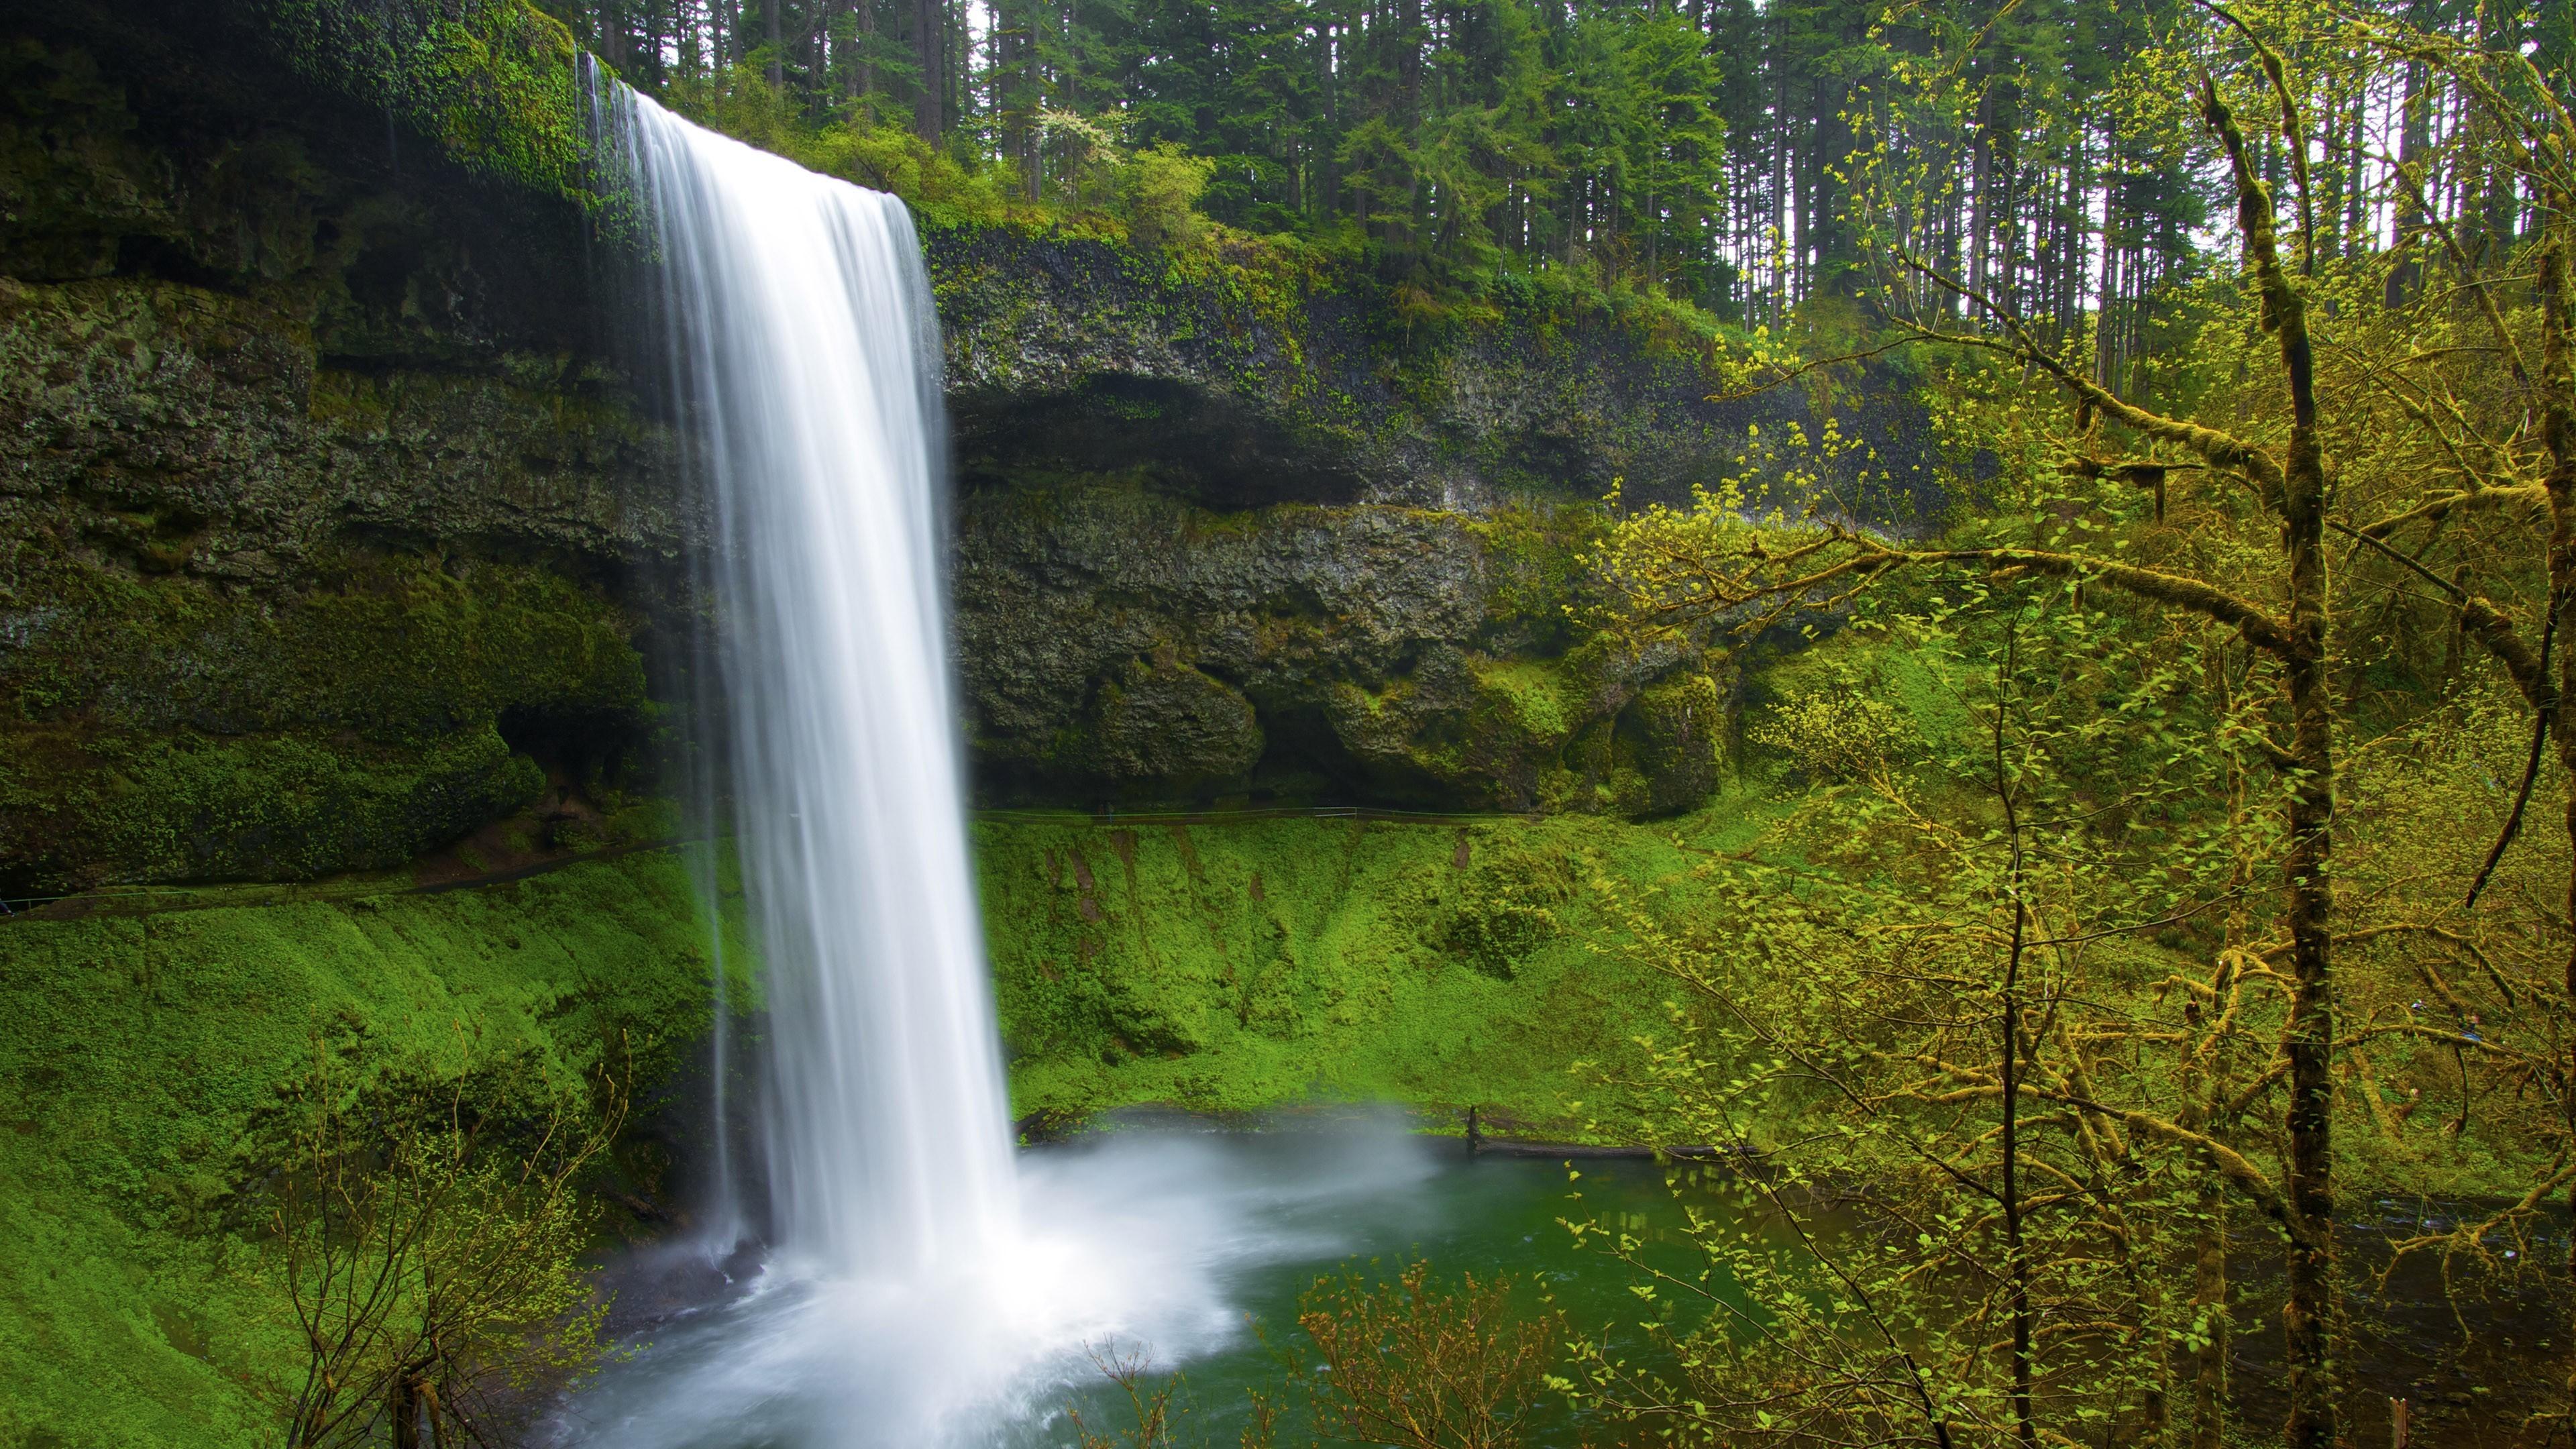 природа водопад река деревья бесплатно